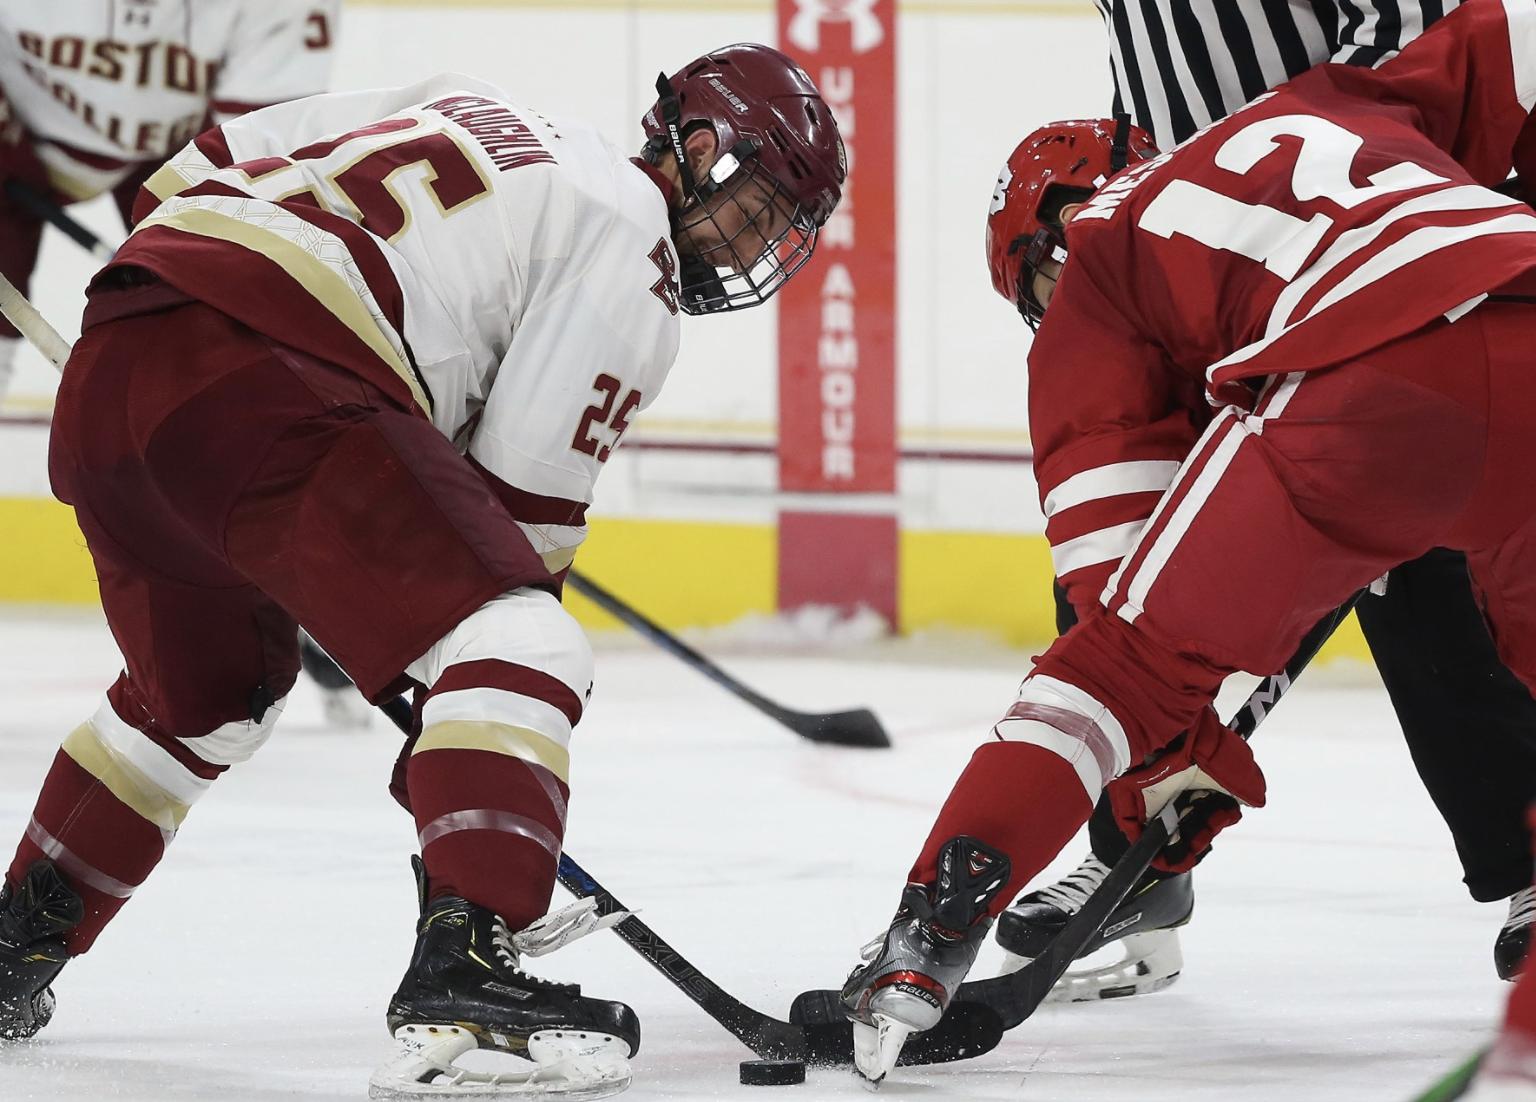 Marc McLaughlin Named Captain of 2020-21 Men's Hockey Team